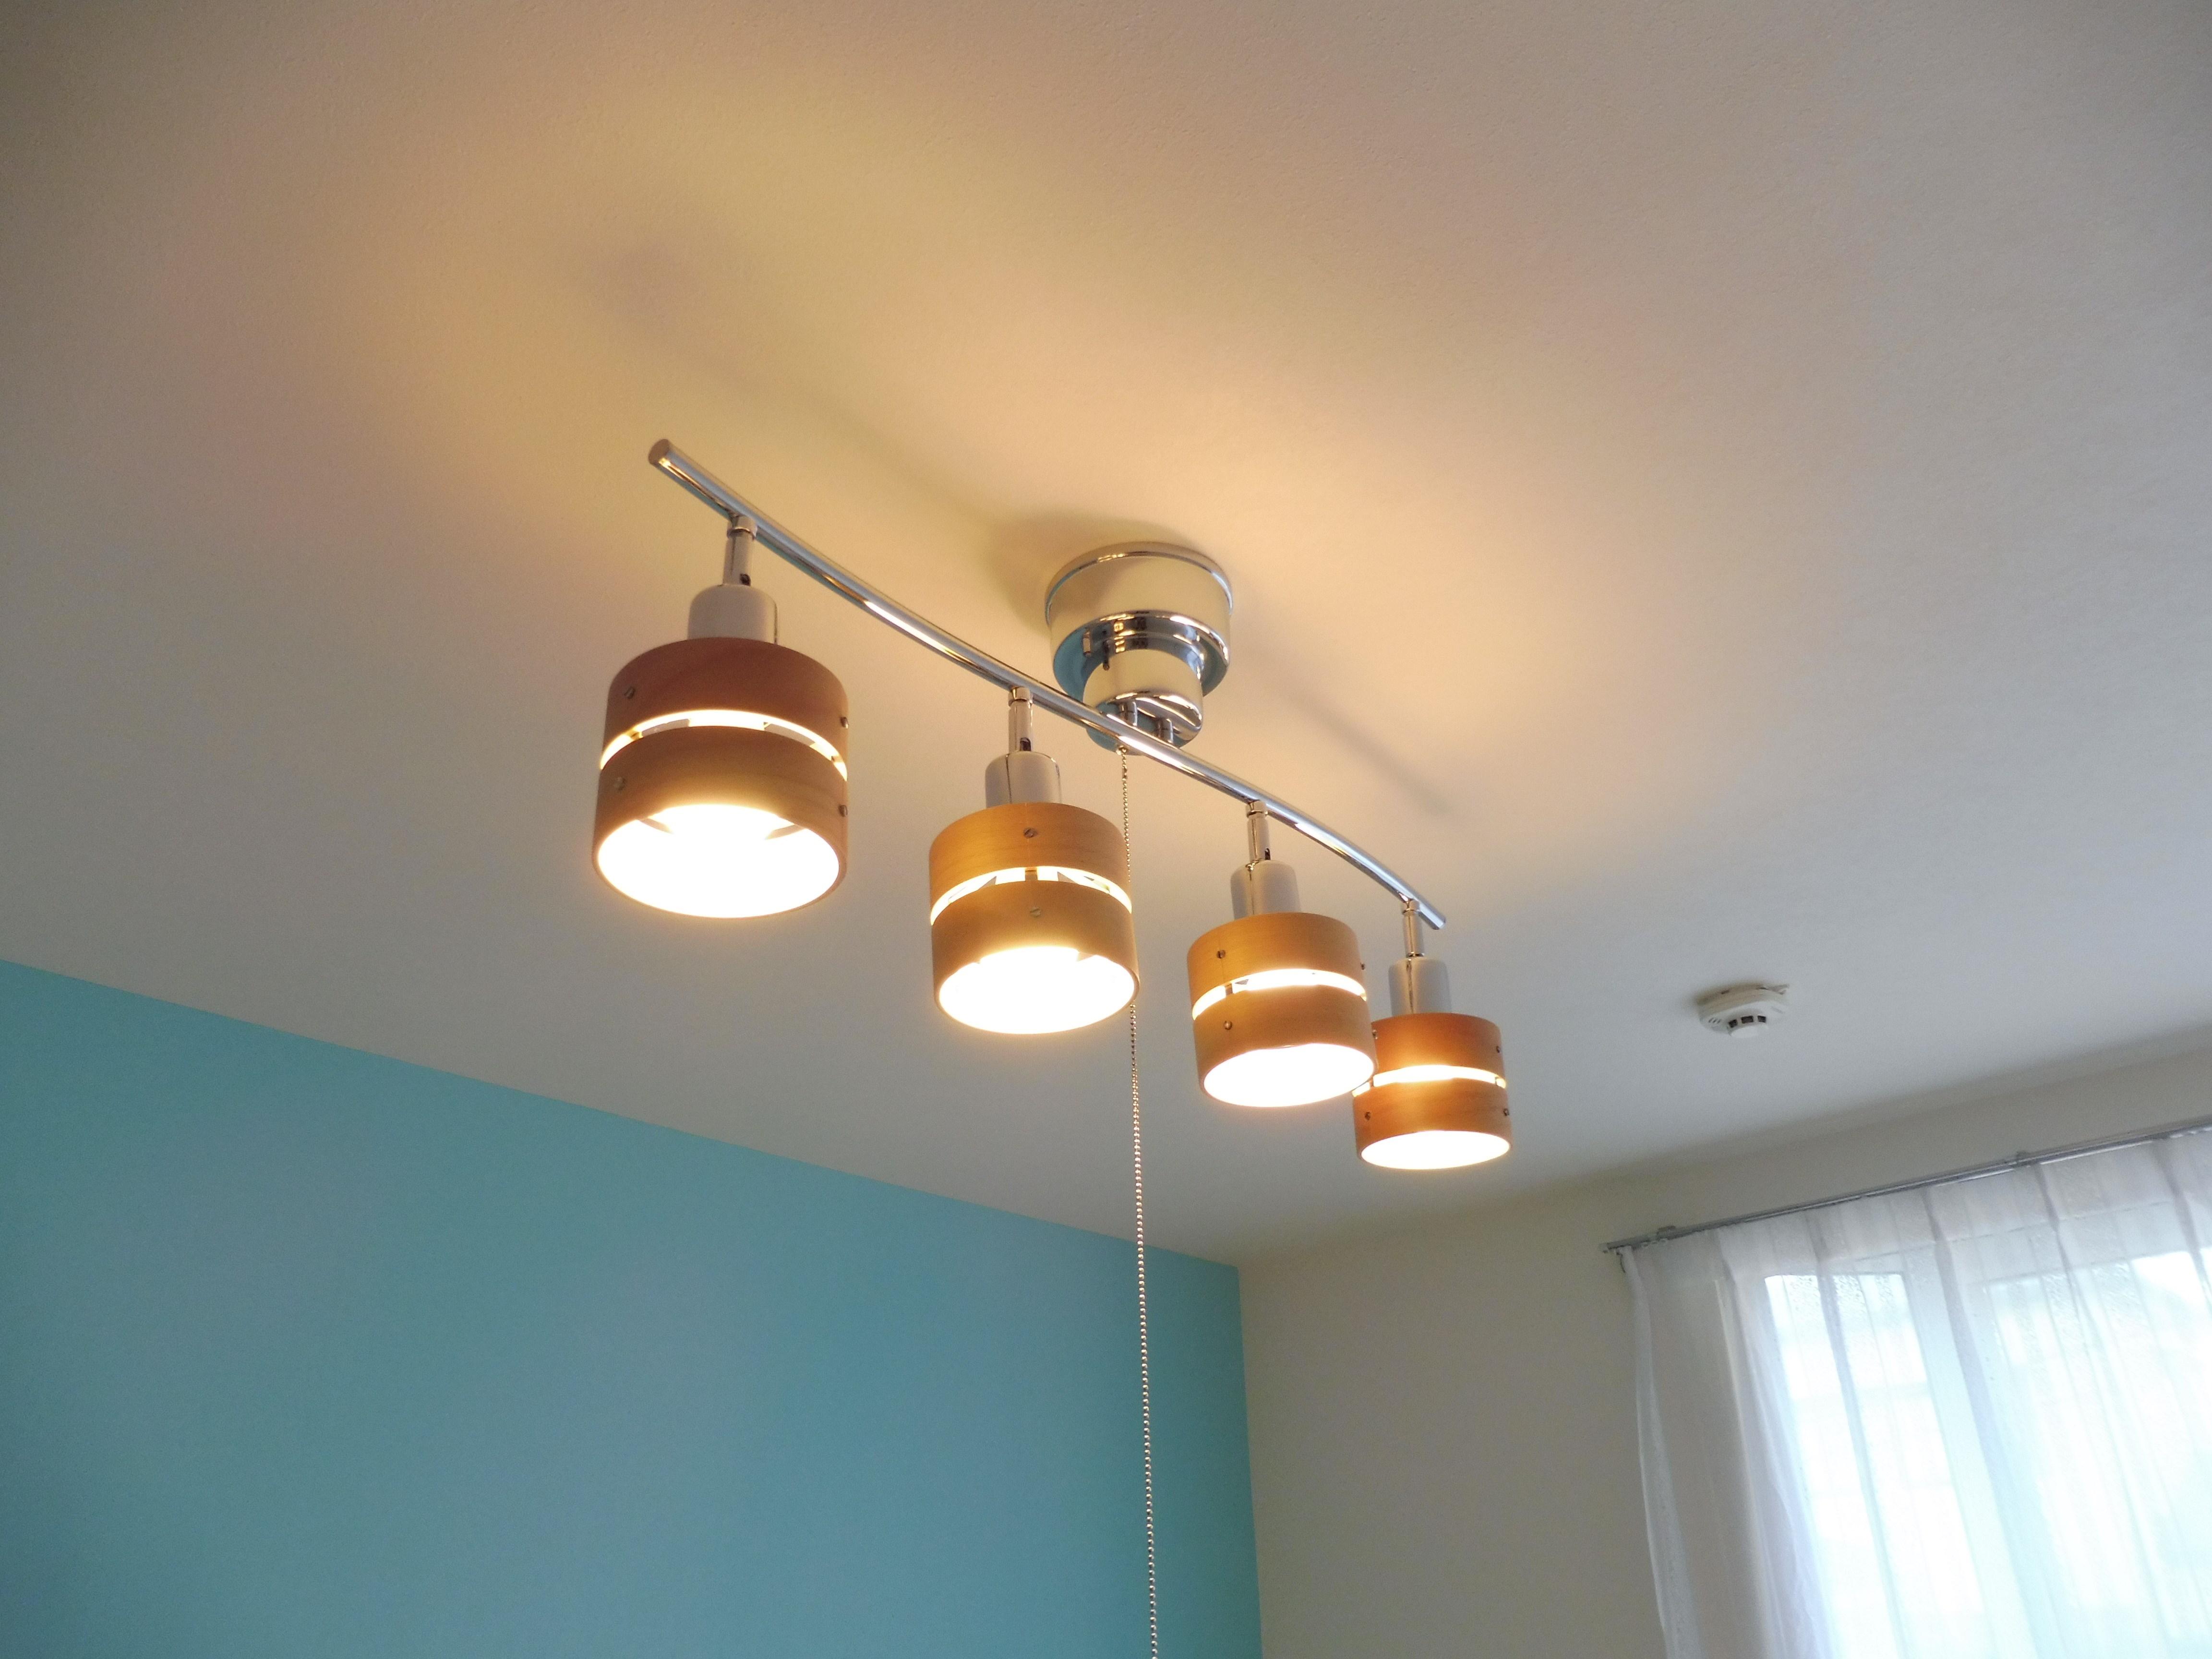 洋室6帖 おしゃれな照明を取り付けました。